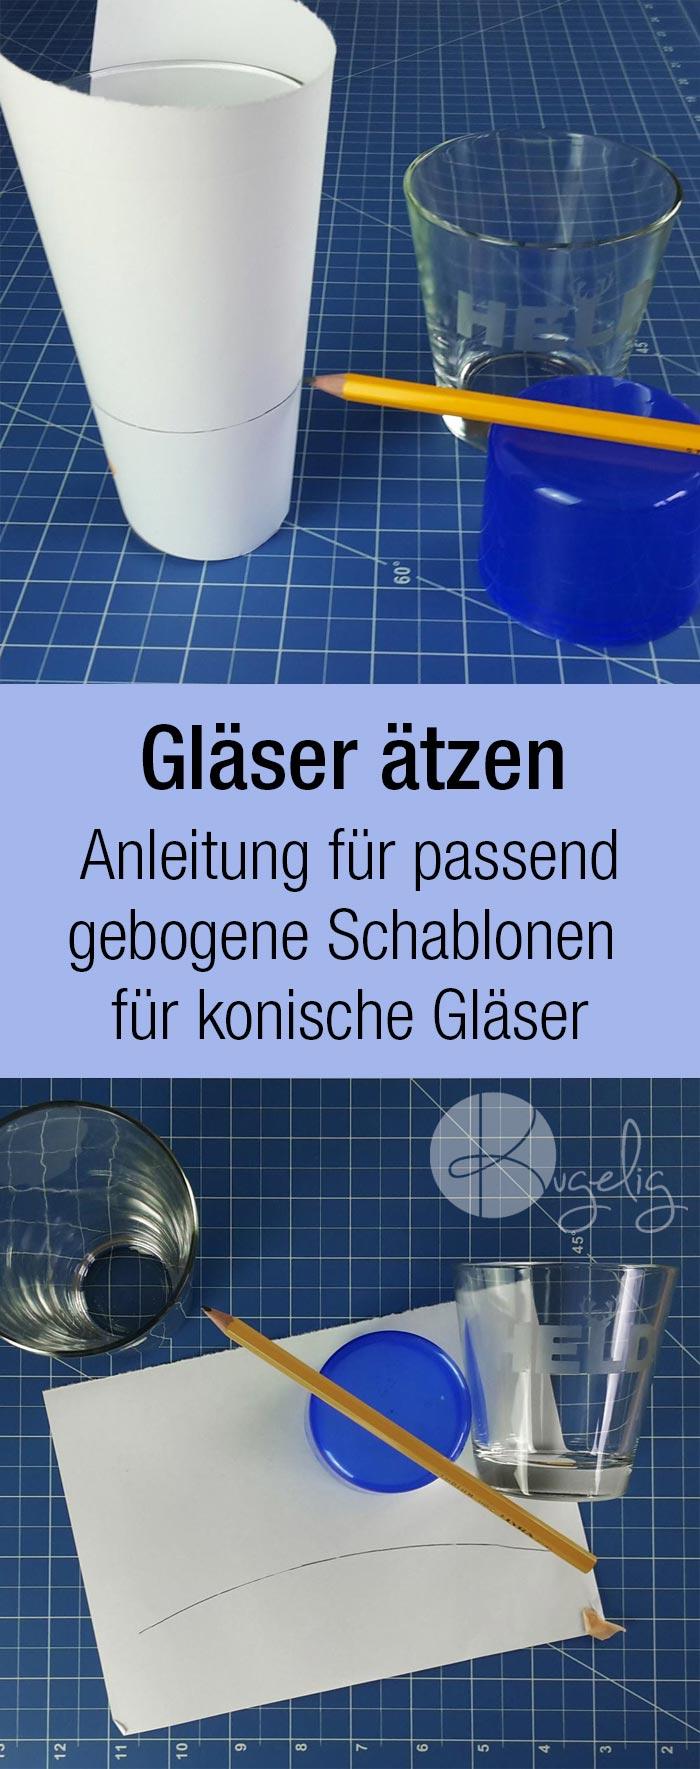 Gläser ätzen: Anleitung für passend gebogene Schablonen für konische Gläser